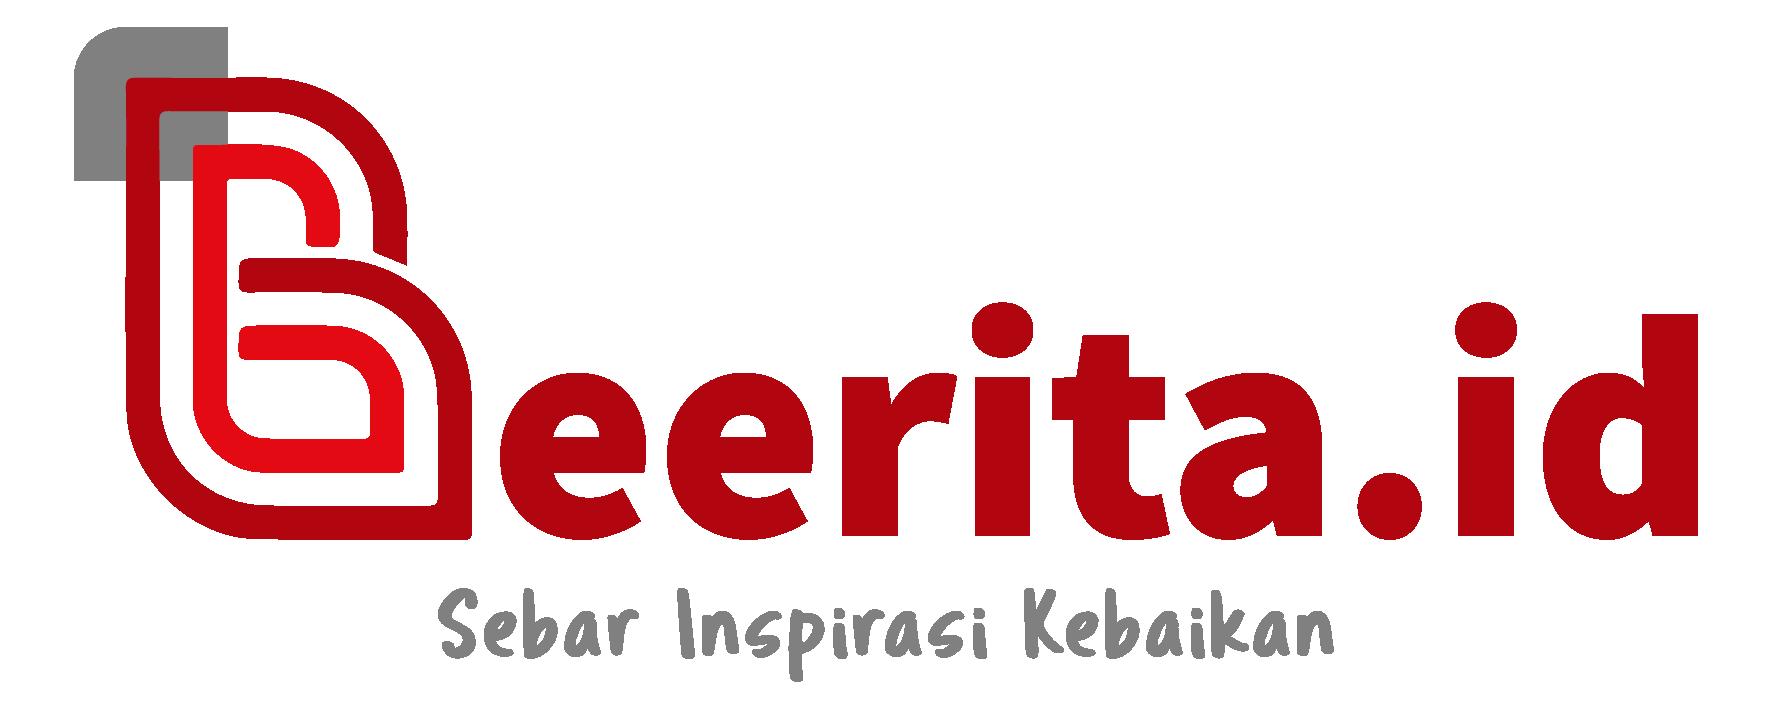 Beerita Indonesia